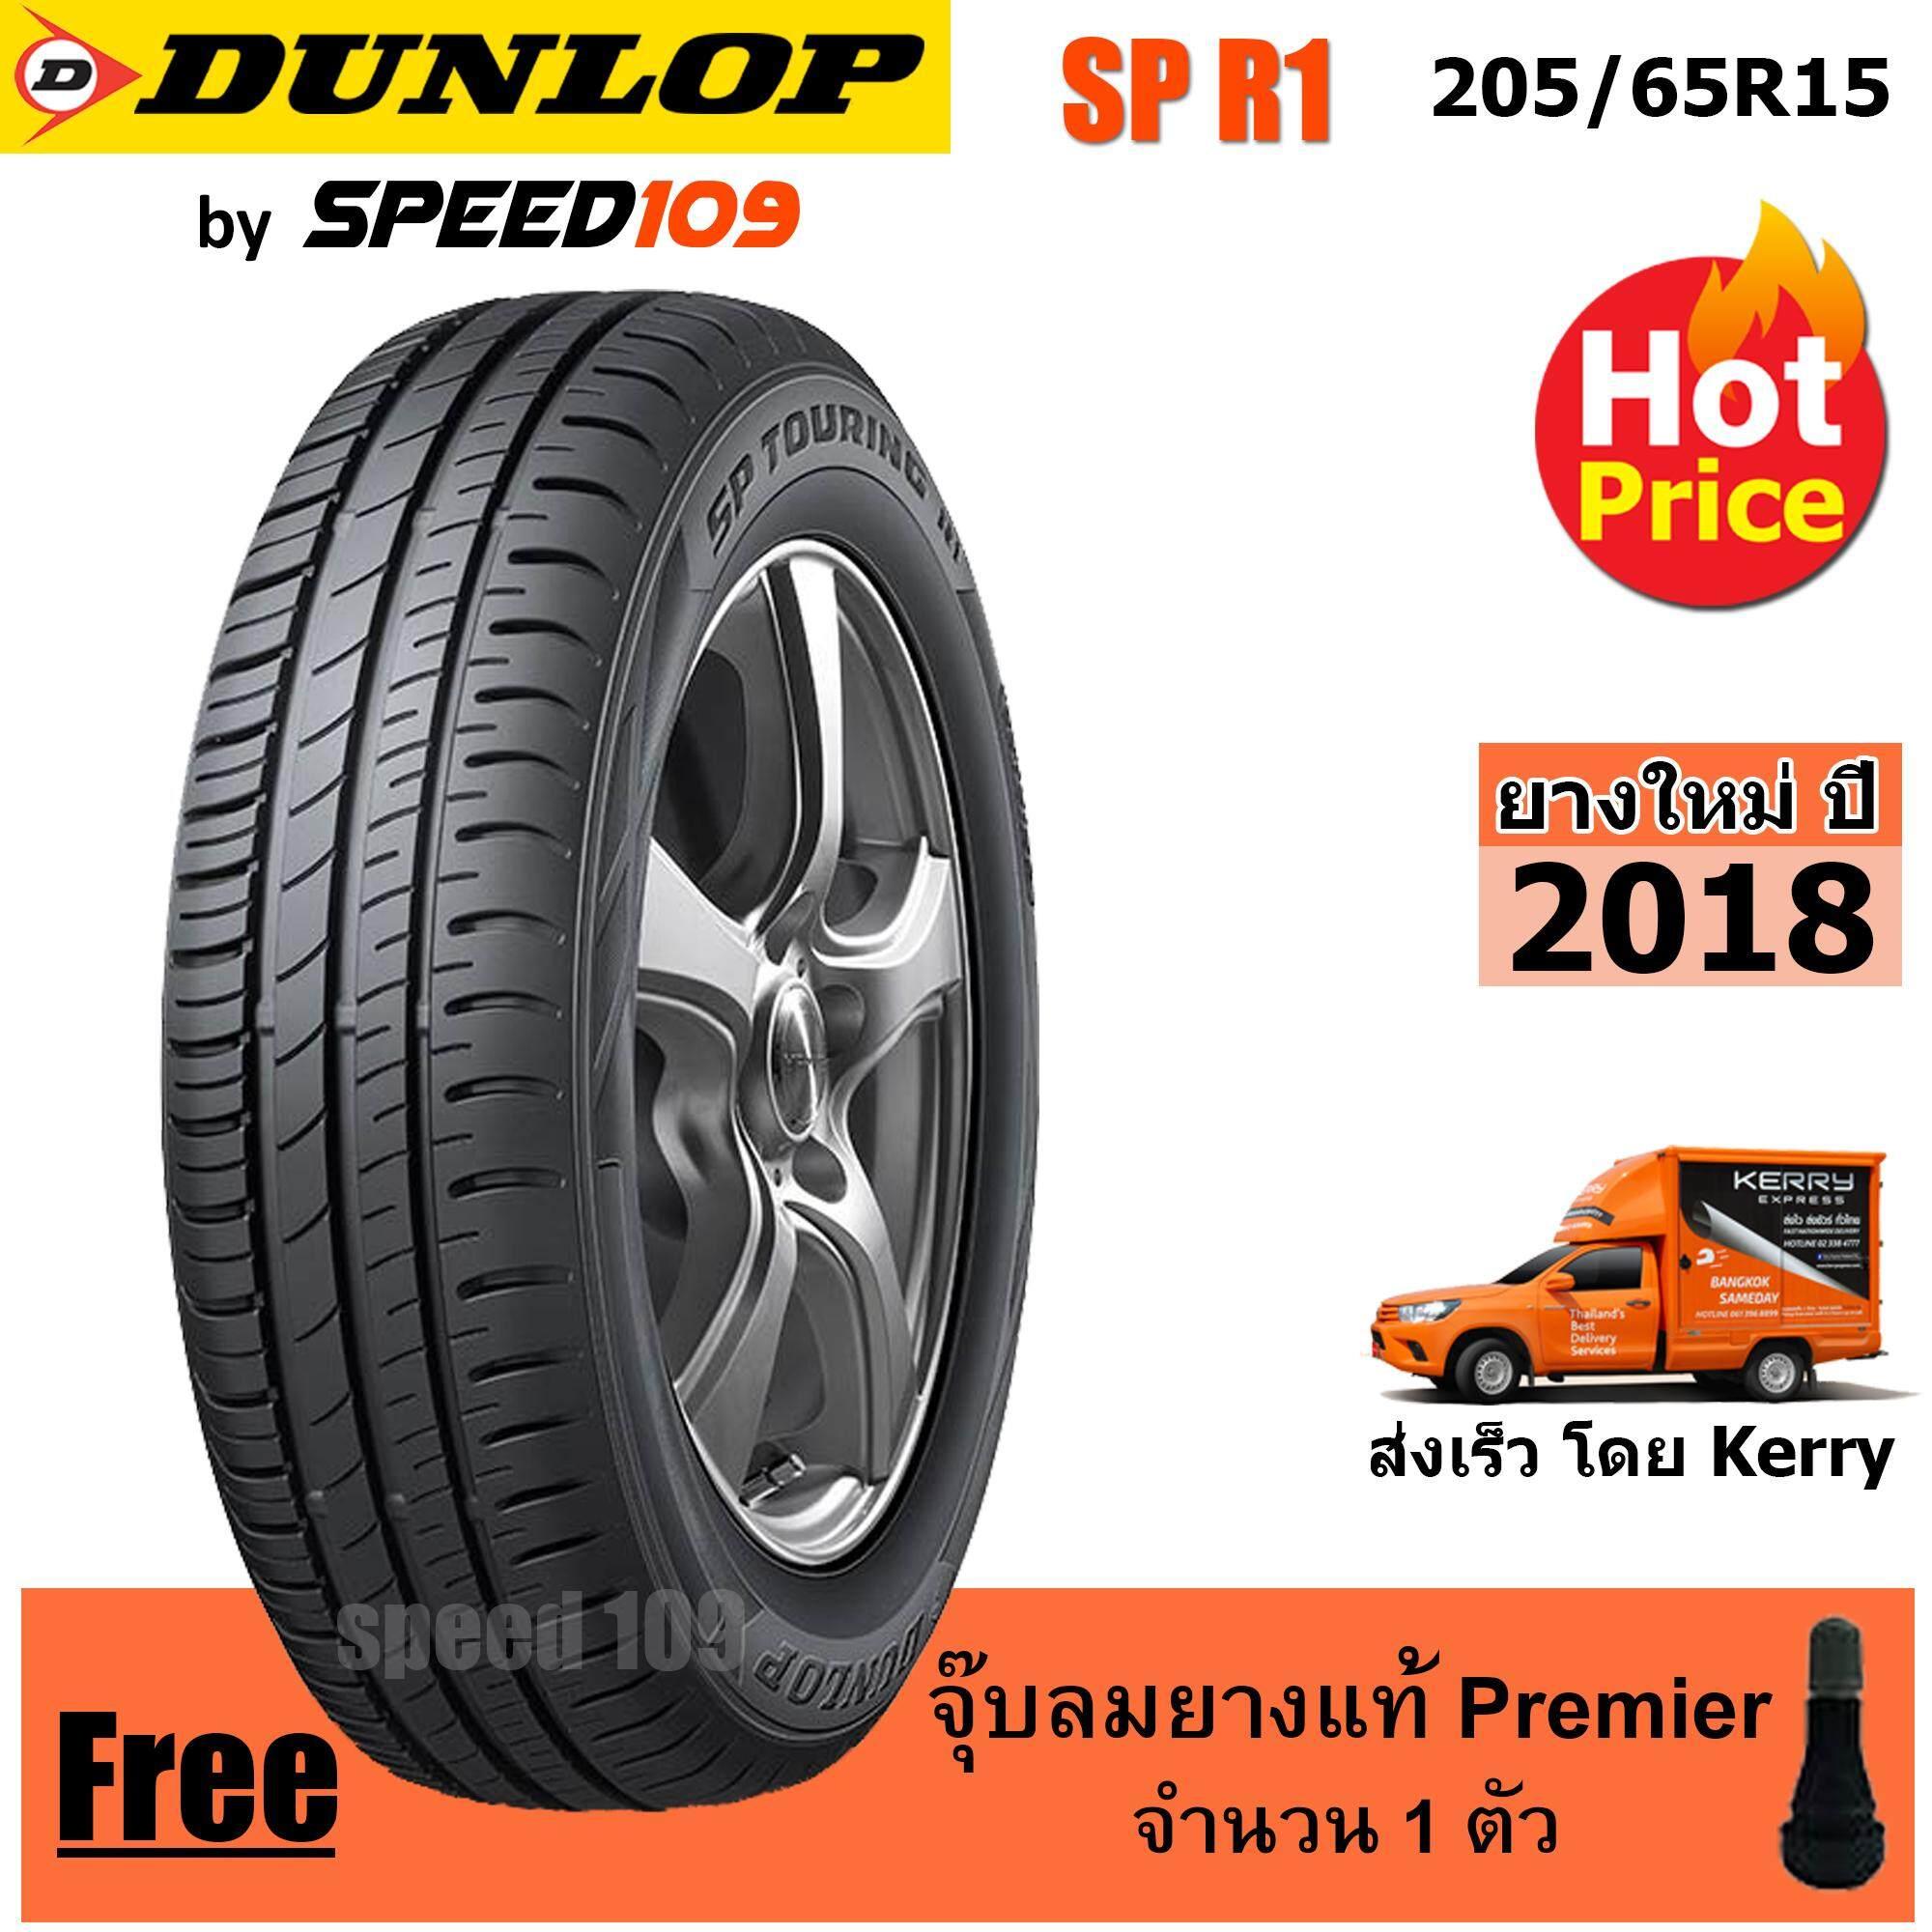 ประกันภัย รถยนต์ 2+ นครนายก DUNLOP ยางรถยนต์ ขอบ 15 ขนาด 205/65R15 รุ่น SP TOURING R1 - 1 เส้น (ปี 2019)